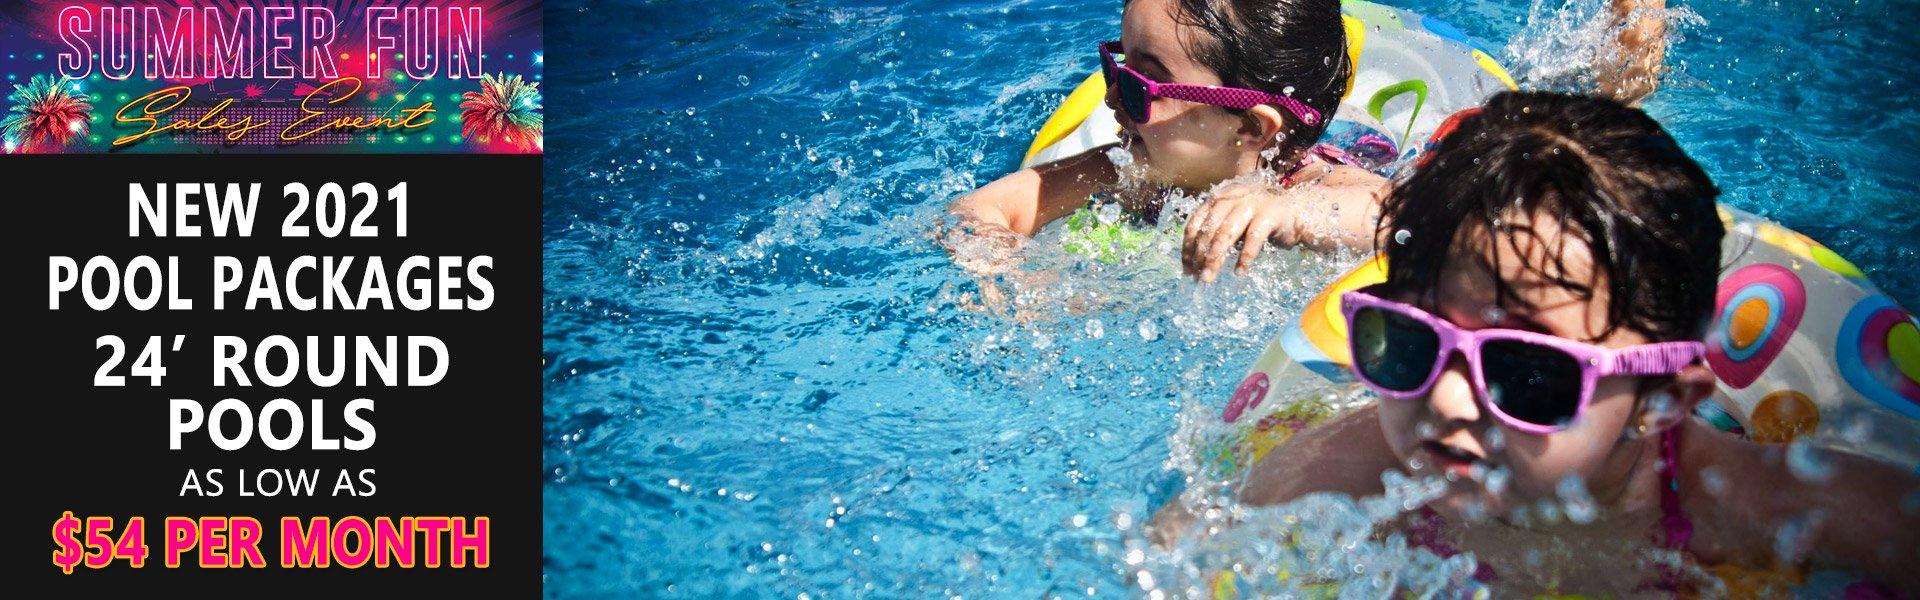 SUMMER-SALE-2021-pools